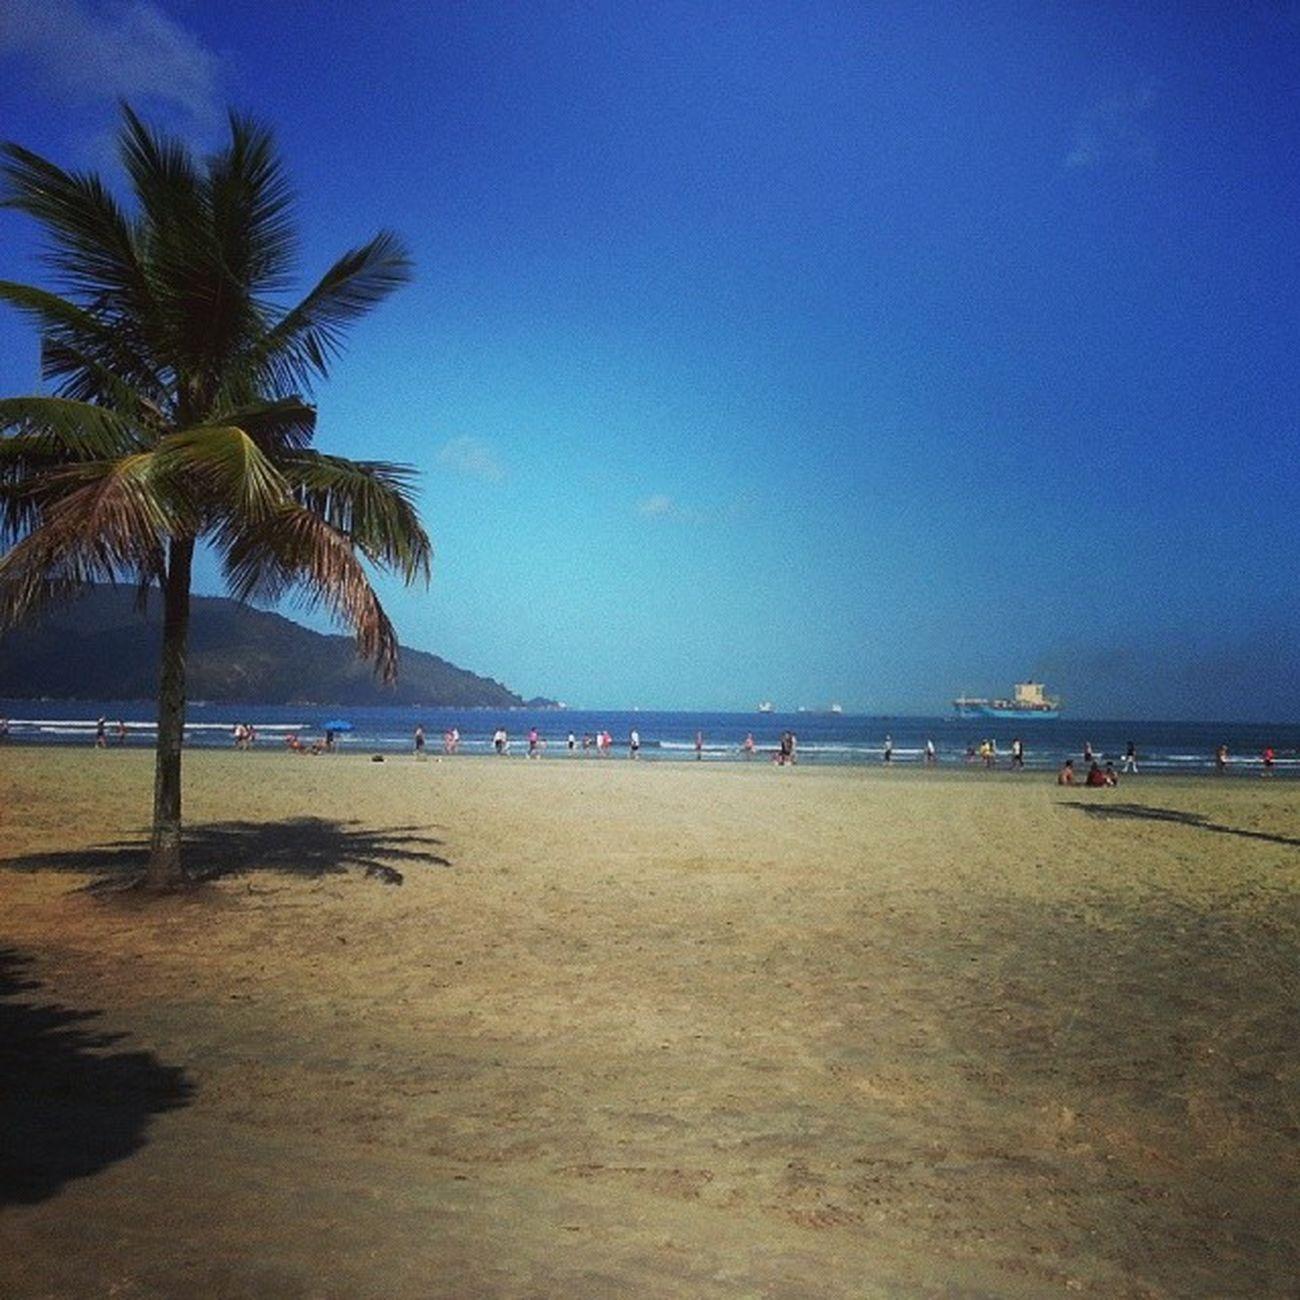 Bora descansar a mente e exercitar o corpo... Amomuito Praia Corridinhadeleve